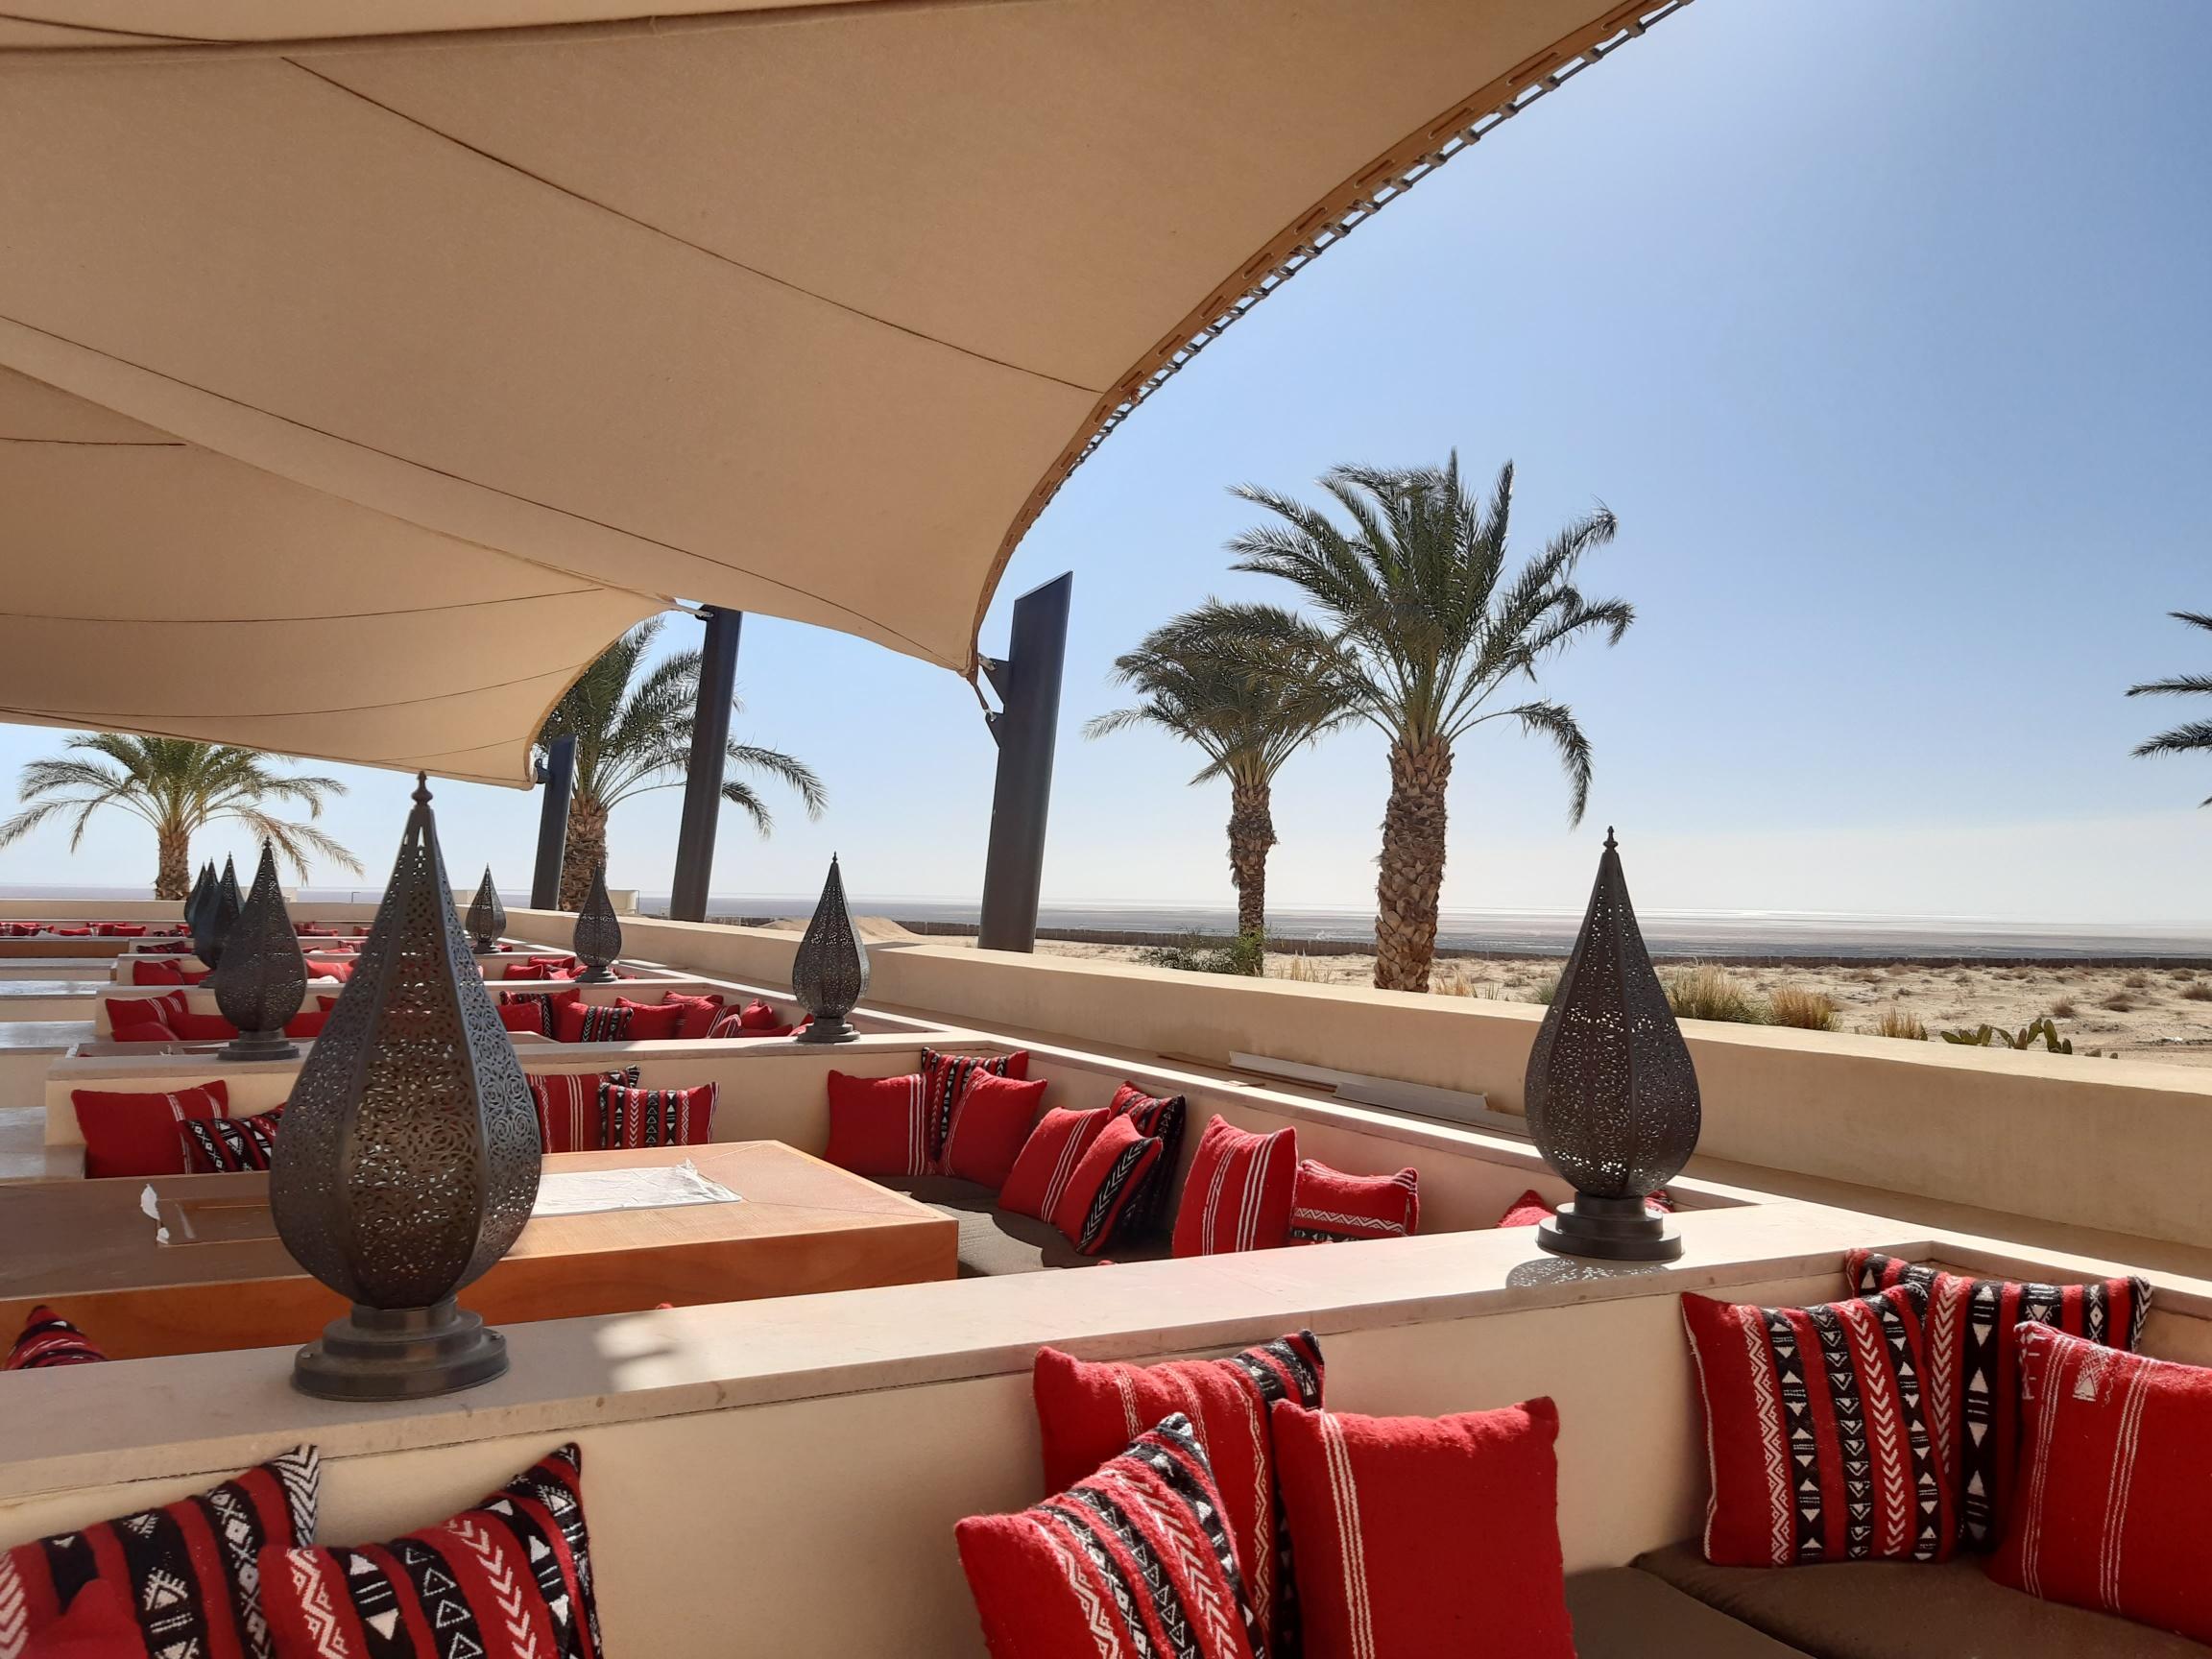 Face au Chott el-Jérid, l'un des restaurants du luxueux Resort Anantara inauguré ce 1er décembre 2019. Financé par le Qatar, géré et commercialisé par le groupe thaïlandais Anantara, une première en Tunisie - DR : M.S.